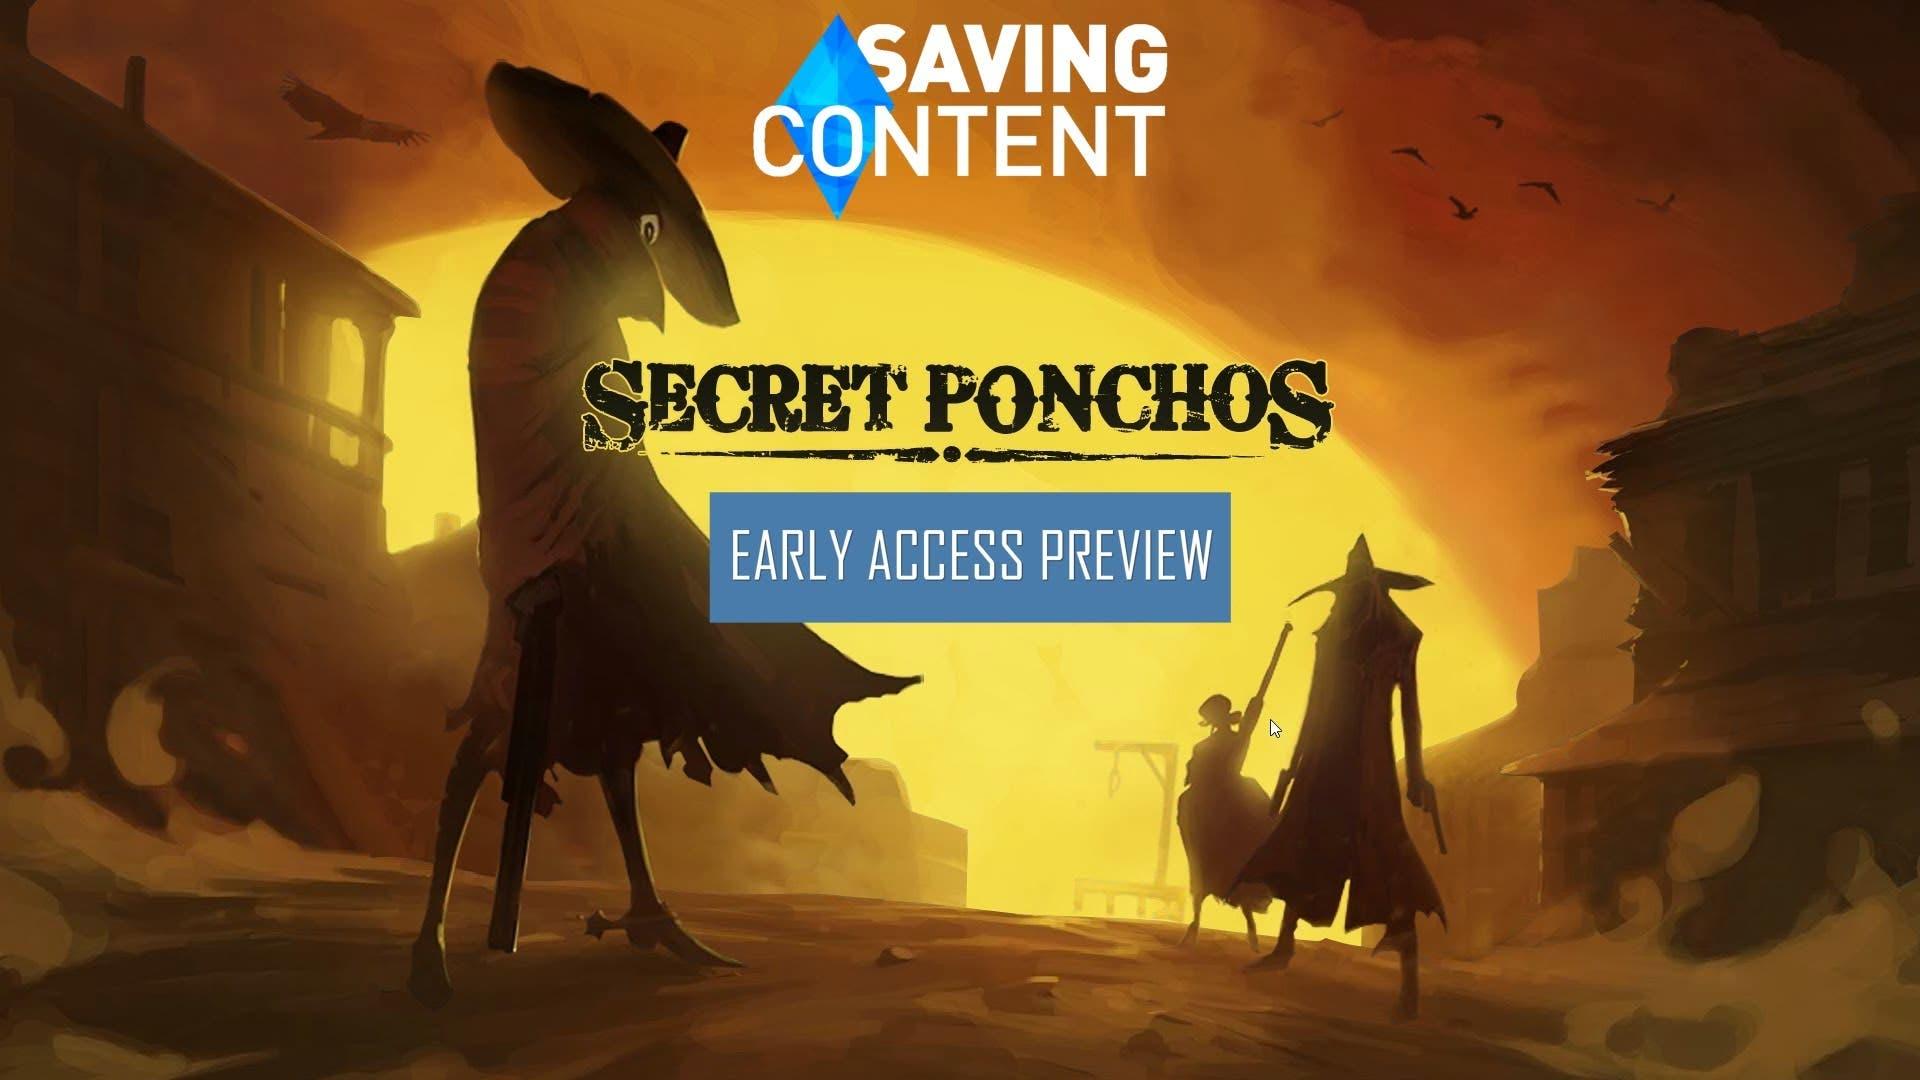 secret ponchos early access prev